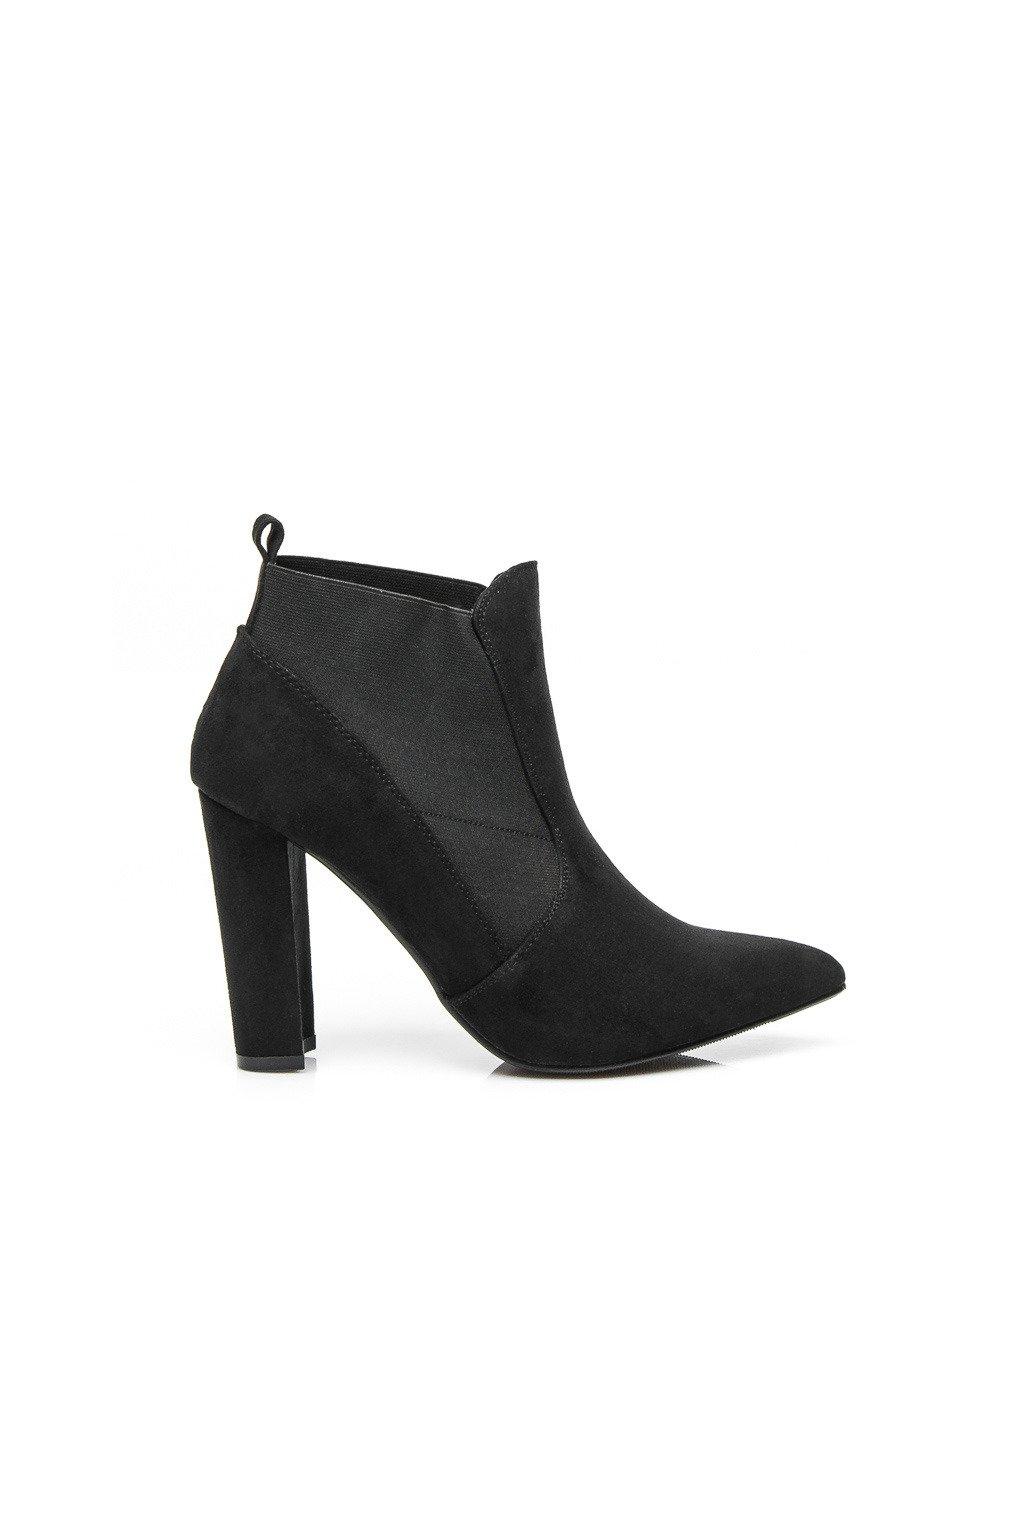 Čierne topánky na opätku 2146-6B / S3-130P veľ.č. 37, 40 (Veľkosť UK7 / EUR 40)